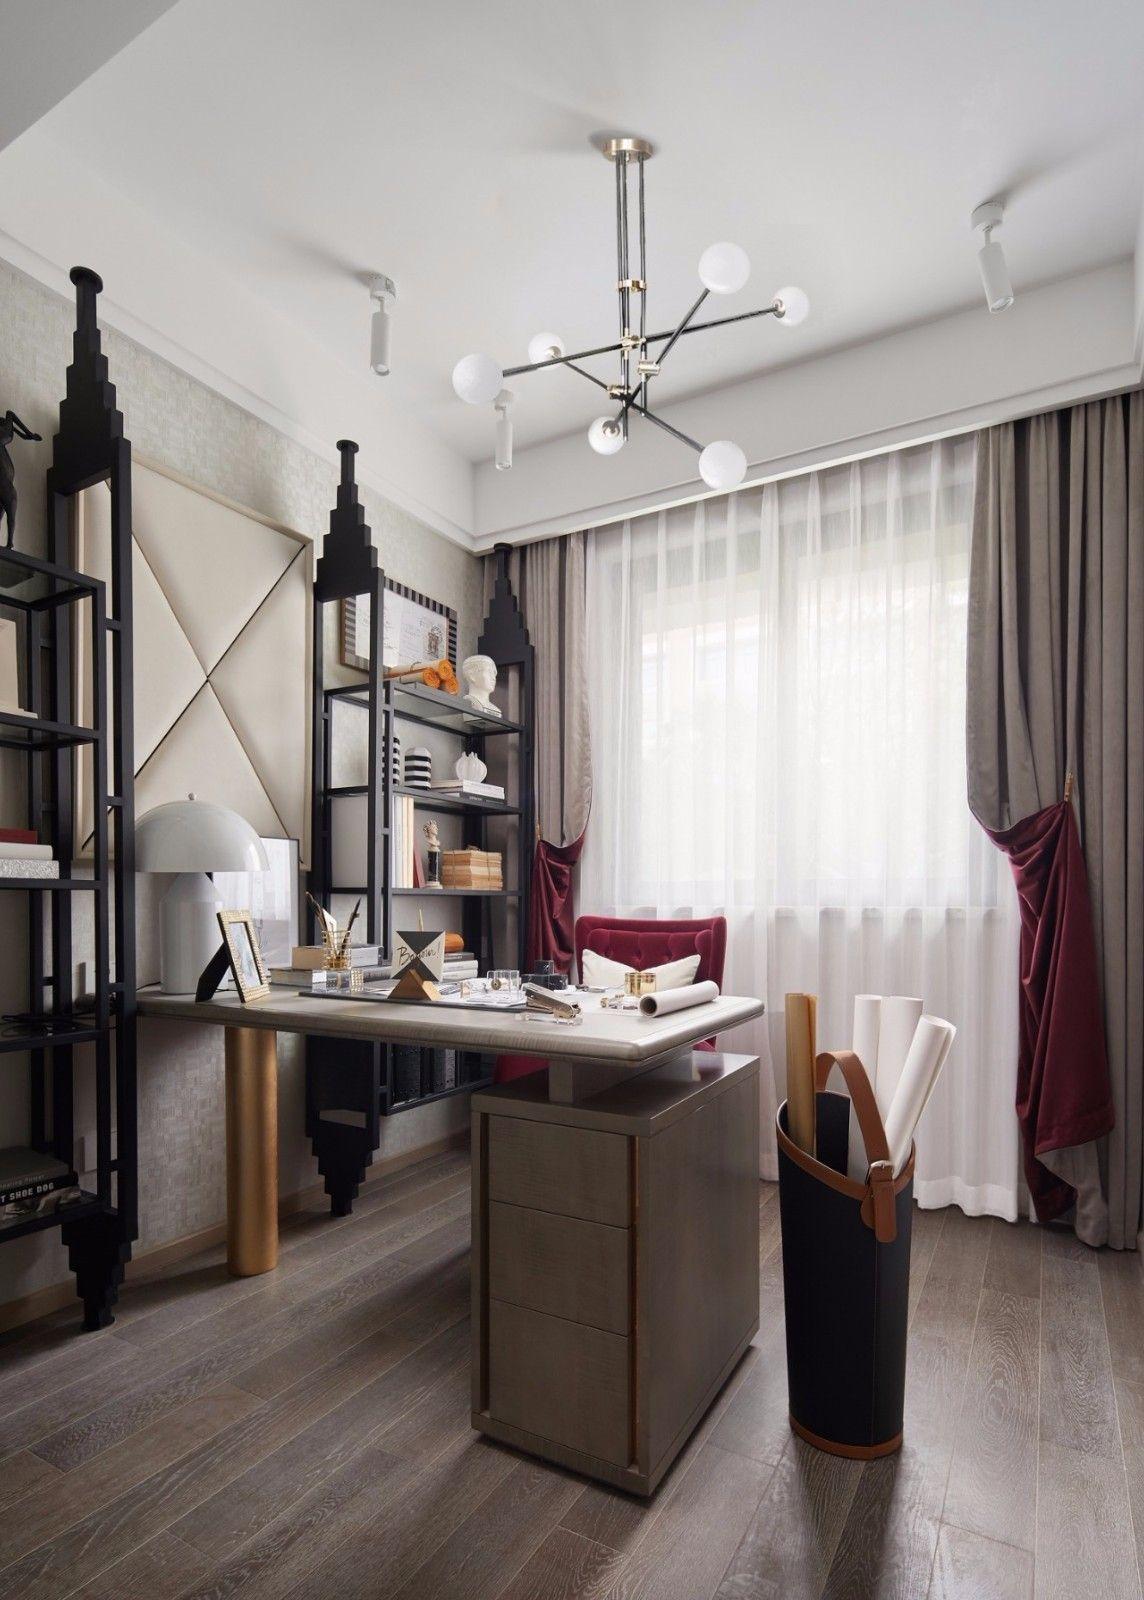 ''红梨色''点缀的奢丽雅致住宅丨这是一场以取悦自我为主题的视觉盛宴 D.DECOR DESIGN - 20